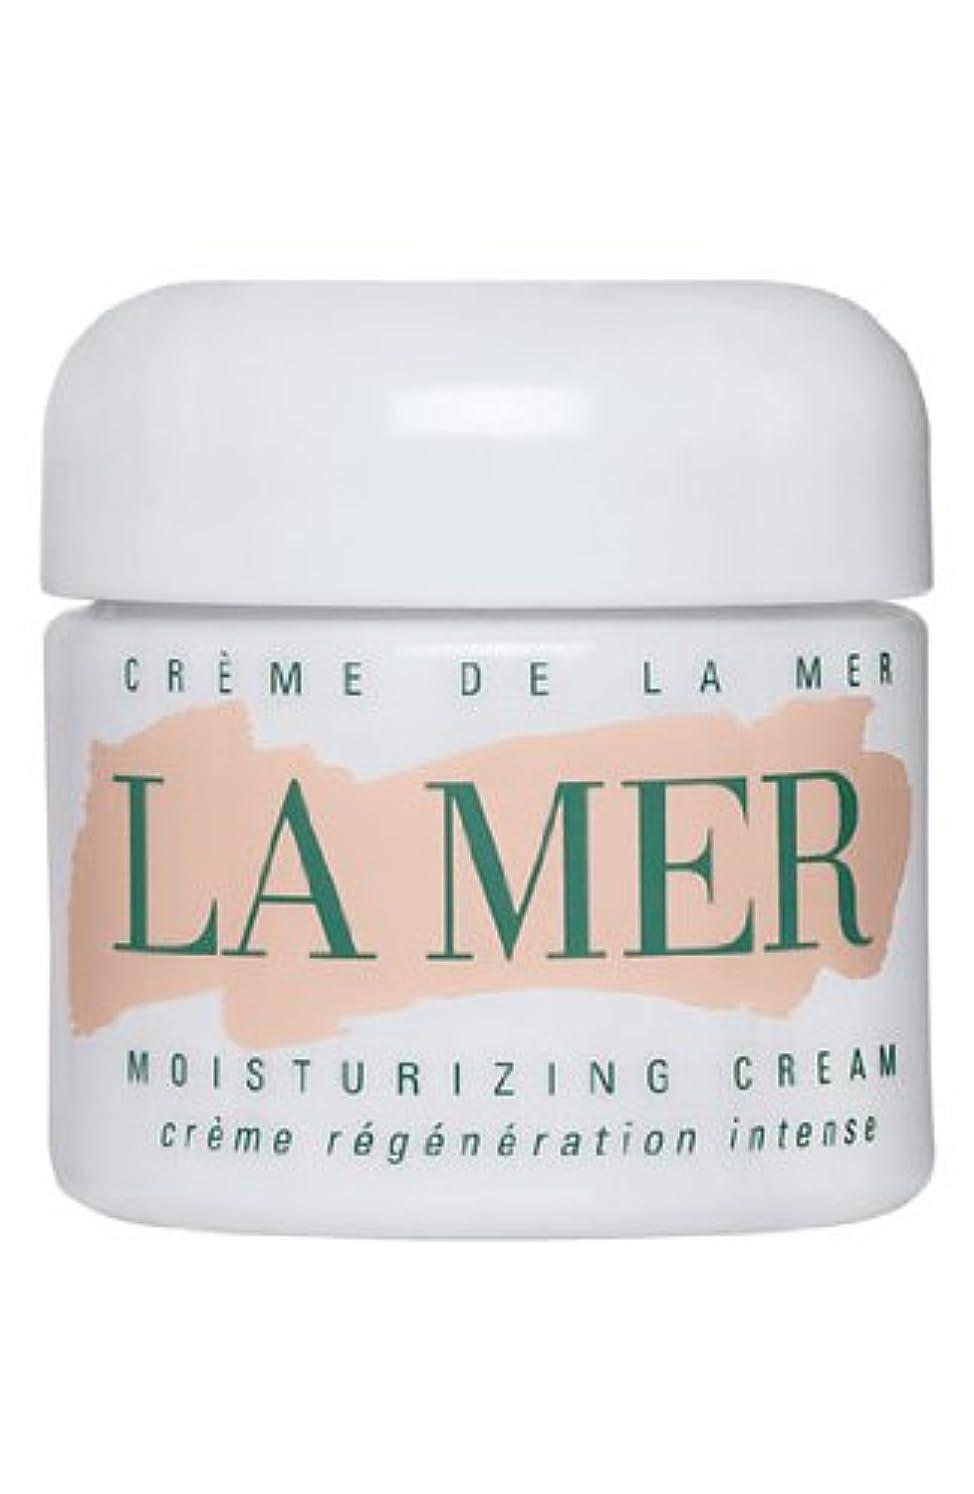 骨髄染料場所La Mer 'The Moisturizing Ultrarich Cream' (ラメール モイスチャライジング ウルトラリッチ クリーム) 16.4 oz (492ml) for Women